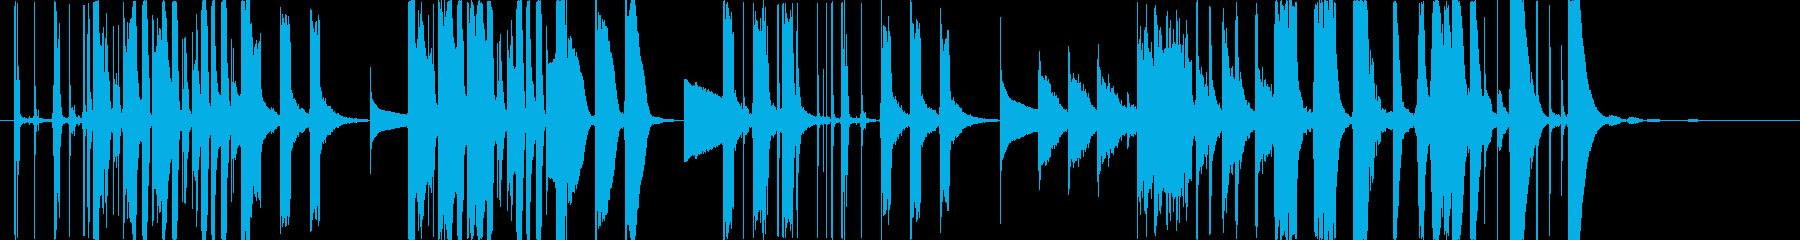 プロダクトCMフューチャーベース風の再生済みの波形